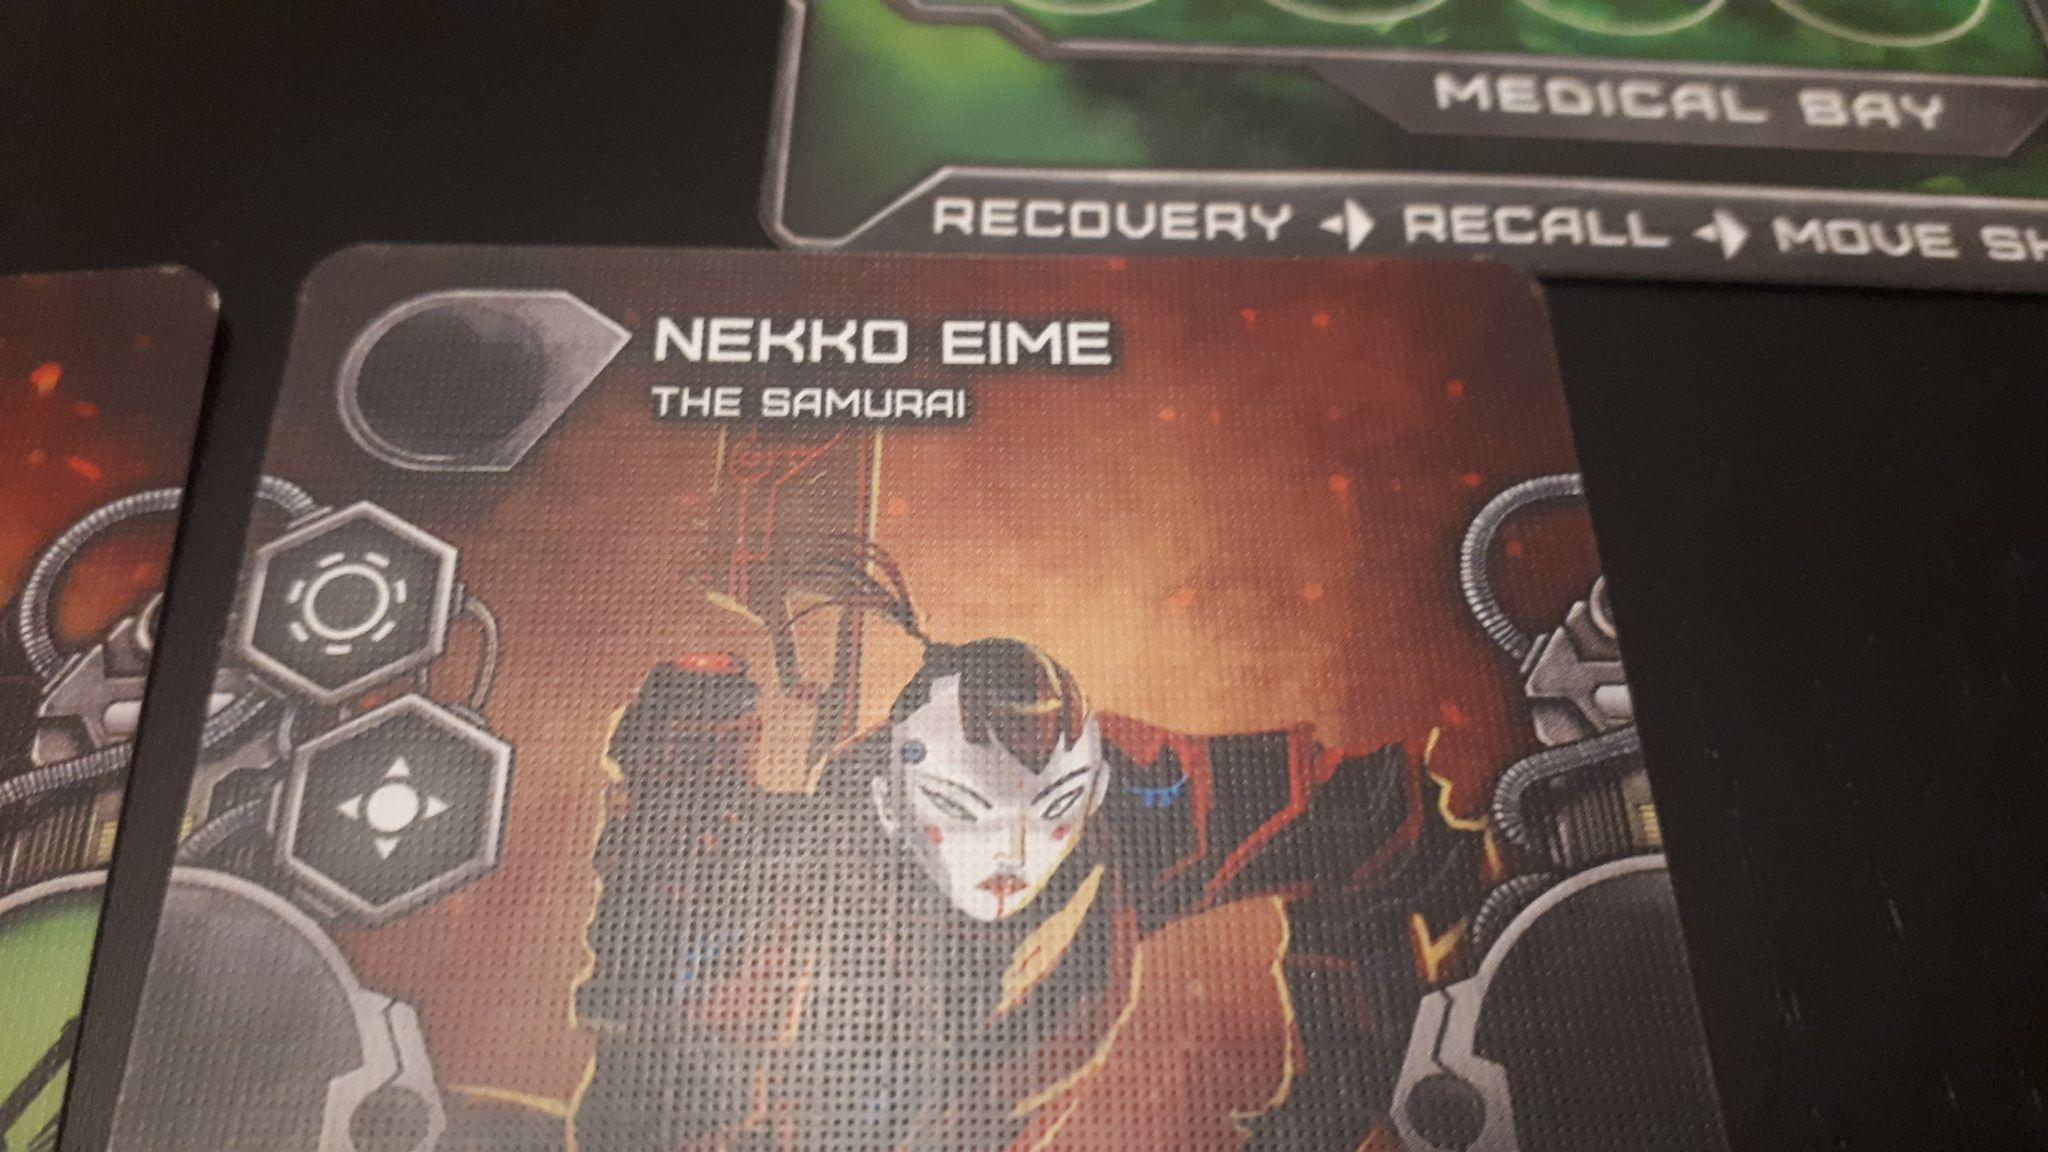 Когато ти е последната карта в играта и вече нямаш идея какво име да измислиш.